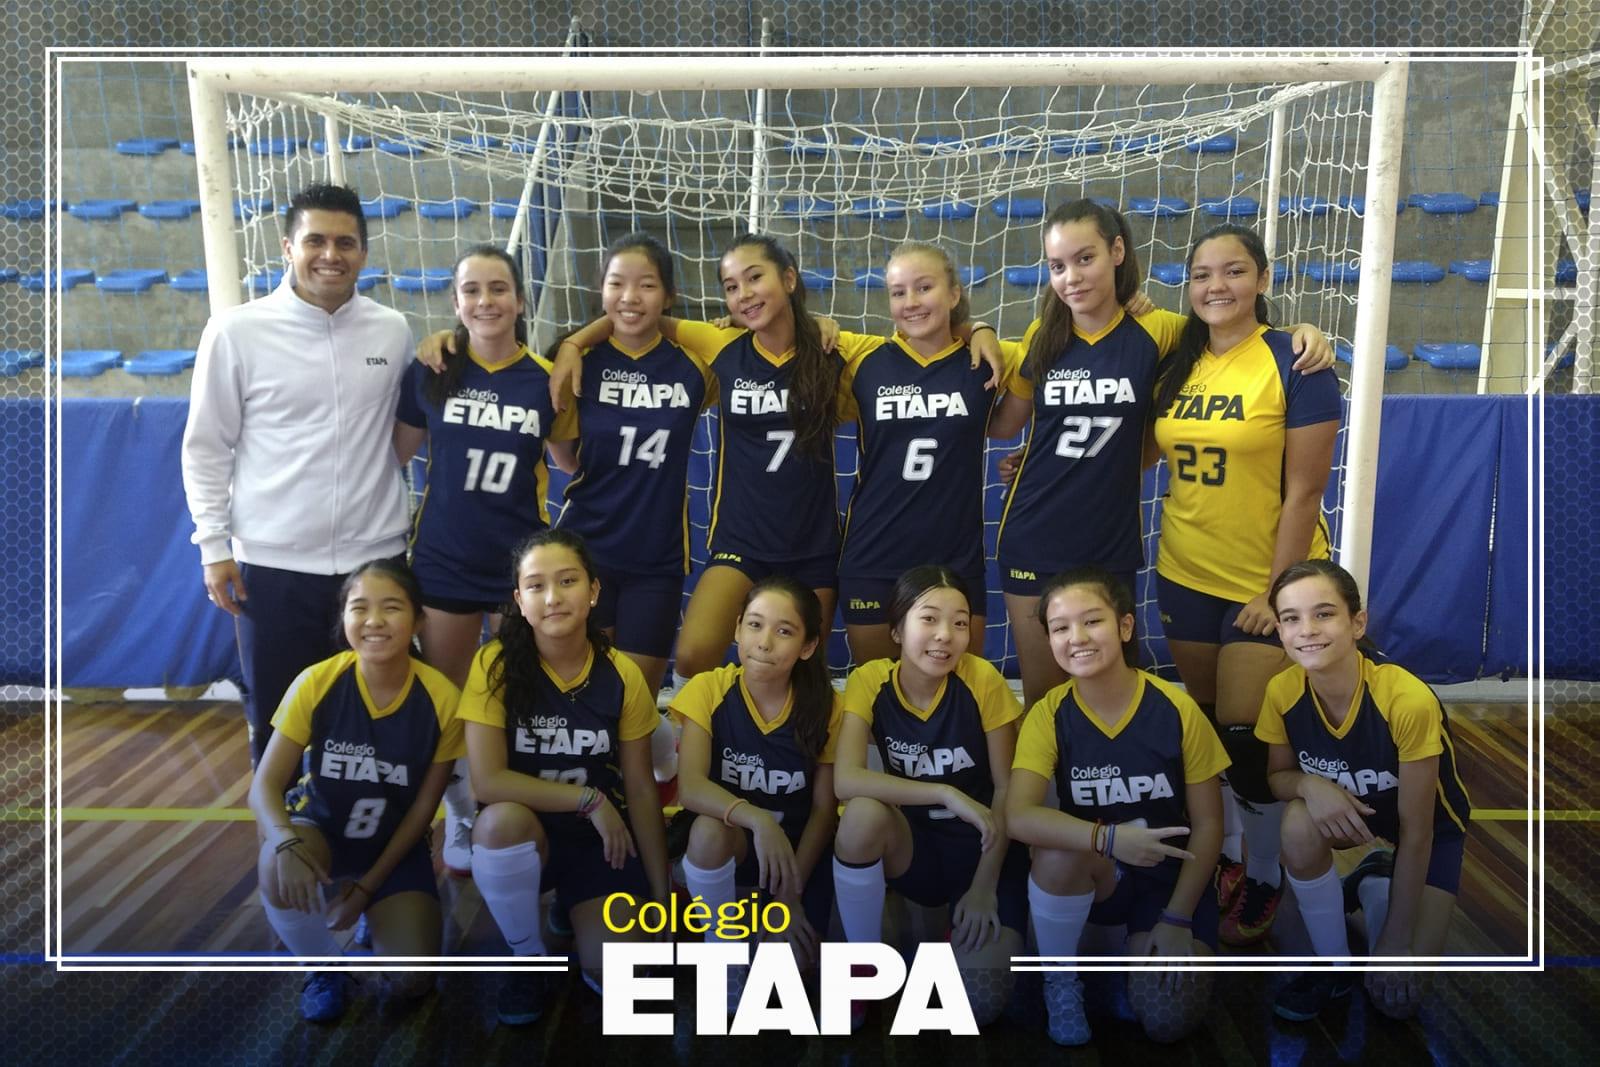 Esportes no Colégio Etapa_ fique por dentro do que ocorreu no mês de março